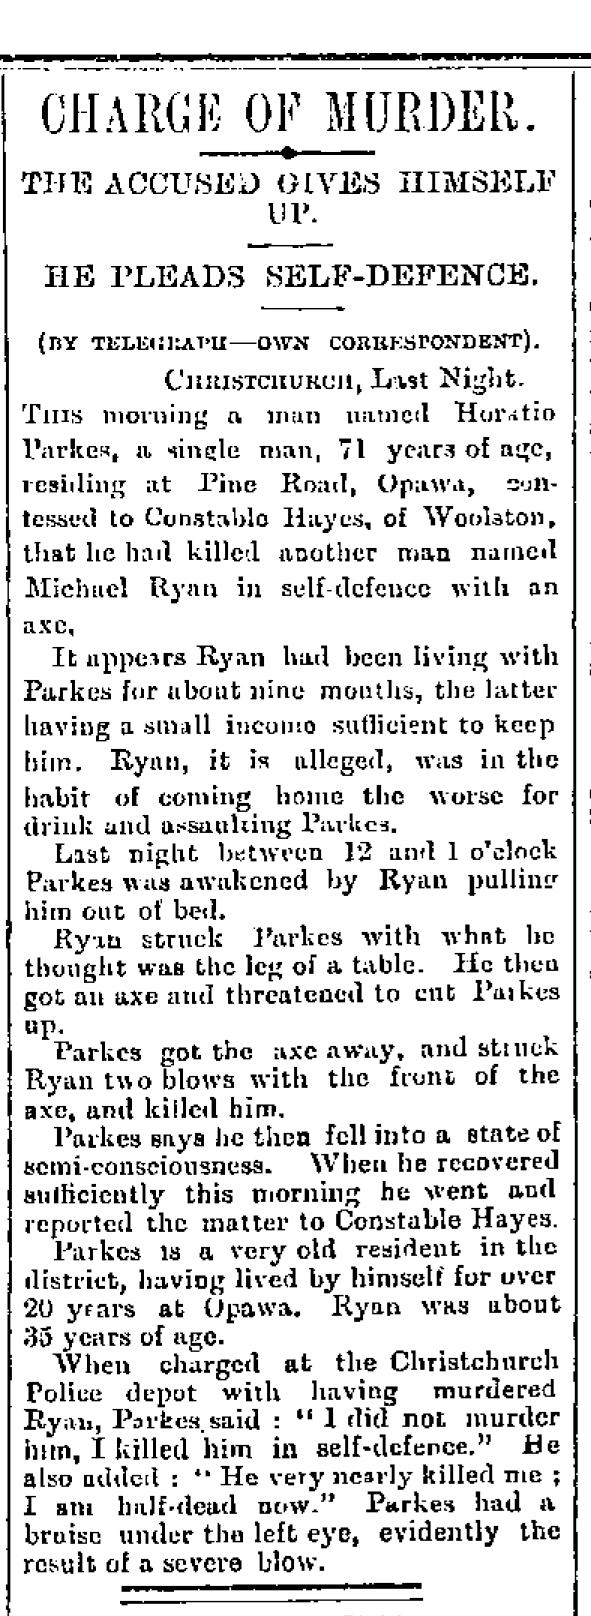 Waikato Argus 23-1-1897 pg2